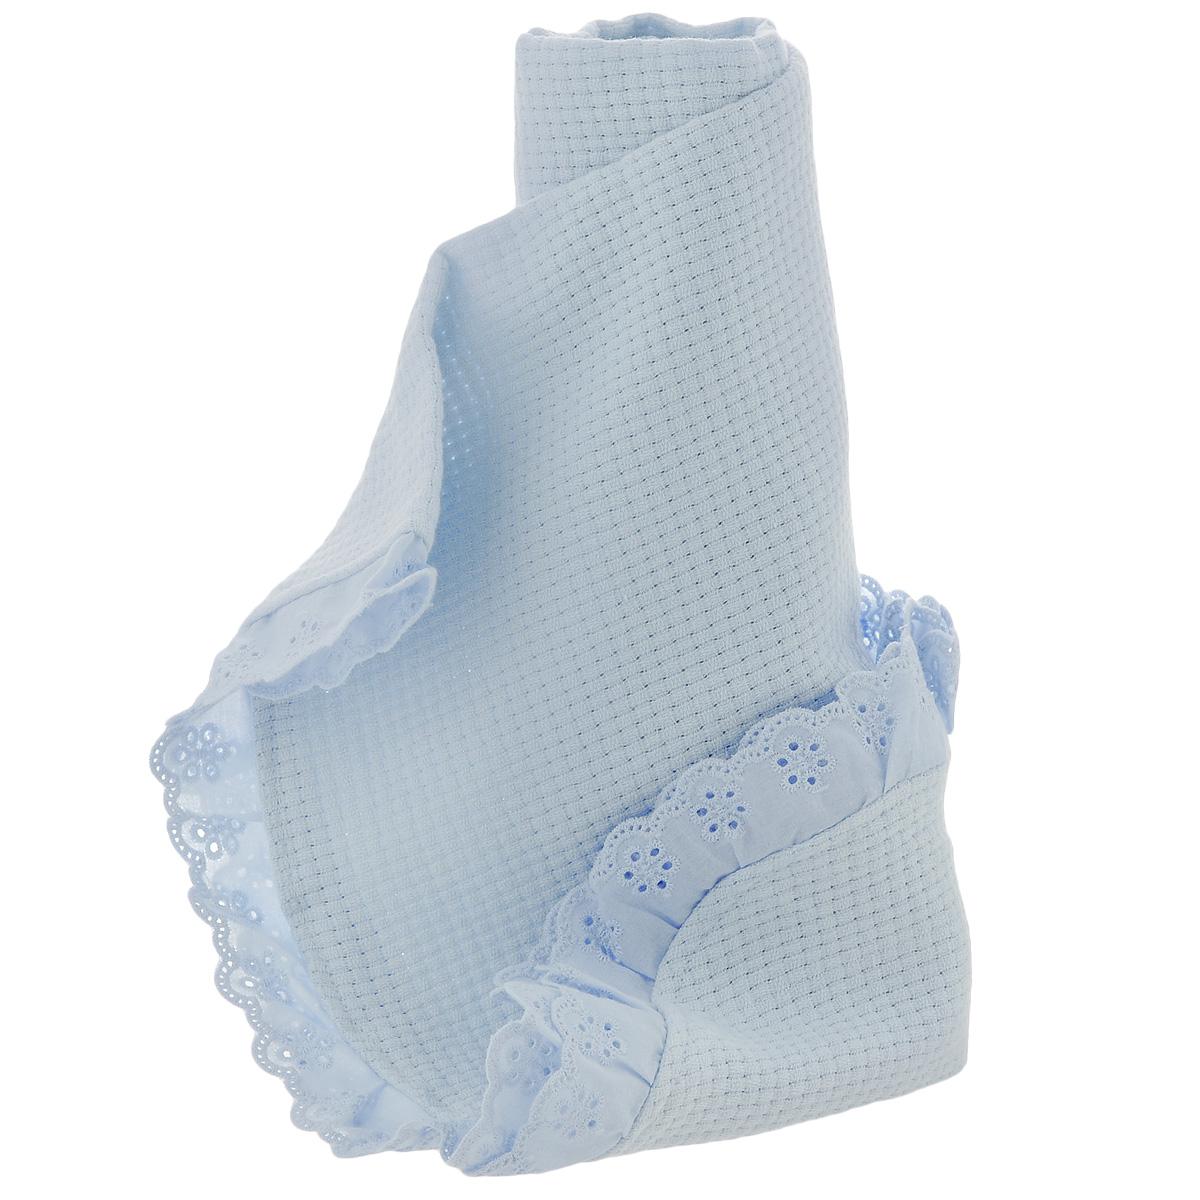 Одеяло детское Baby Nice, вязаное, цвет: голубой, 80 см x 100 см. К110399К110399Детское вязаное одеяло Baby Nice, изготовленное из натурального 100% хлопка, является экологичным и абсолютно не вызывают аллергии. Изделие декорировано рюшами. Такое одеяло дышит благодаря своему натуральному составу и неплотной структуре вязки. Одеяло особенно подходит для летнего периода и для теплого климата, так как оно легкое и воздухопроницаемое. Вашему ребенку под таким одеялом не будет жарко. Вязаные одеяла хороши как для дома - в кроватку, так и для прогулки в коляске. Детское одеяло Baby Nice - лучший выбор для тех, кто стремится проявить заботу о своем ребенке. Материал: 100% хлопок. Размер: 80 см х 100 см.